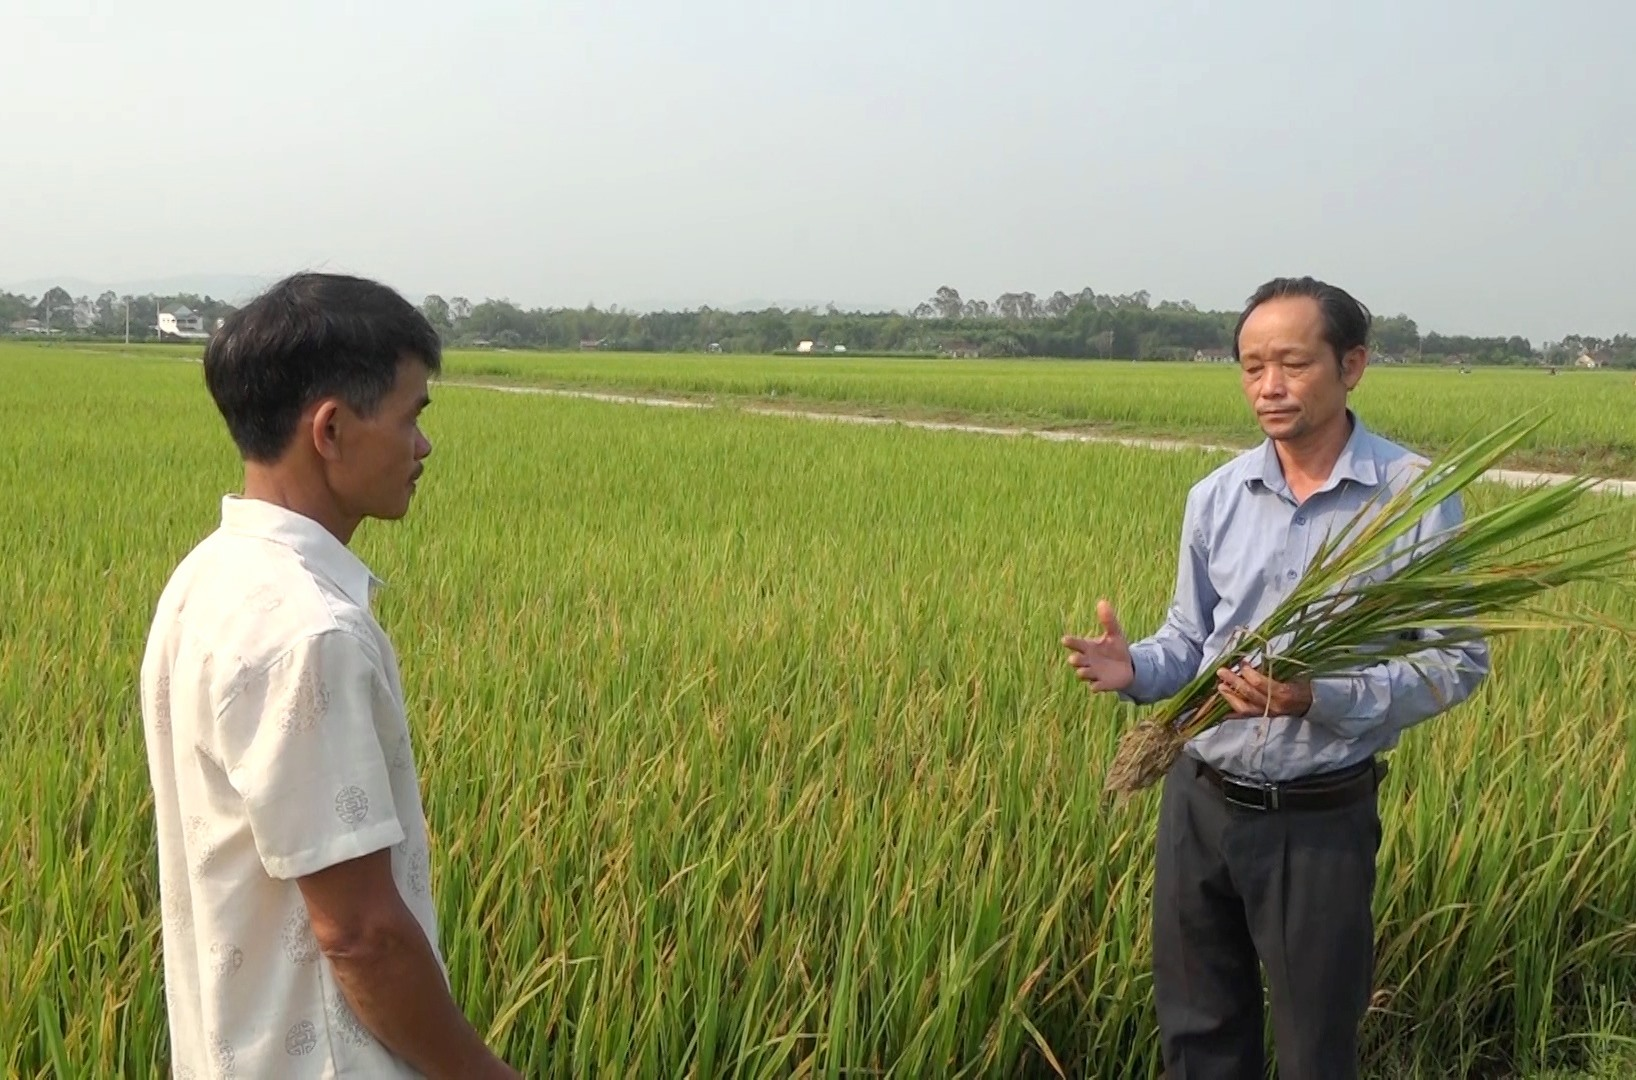 Cán bộ kỹ thuật Trung tâm Kỹ thuật Nông nghiệp huyện Thăng Bình hướng dẫn người dân nhận biết các loại sâu bệnh gây hại lúa.